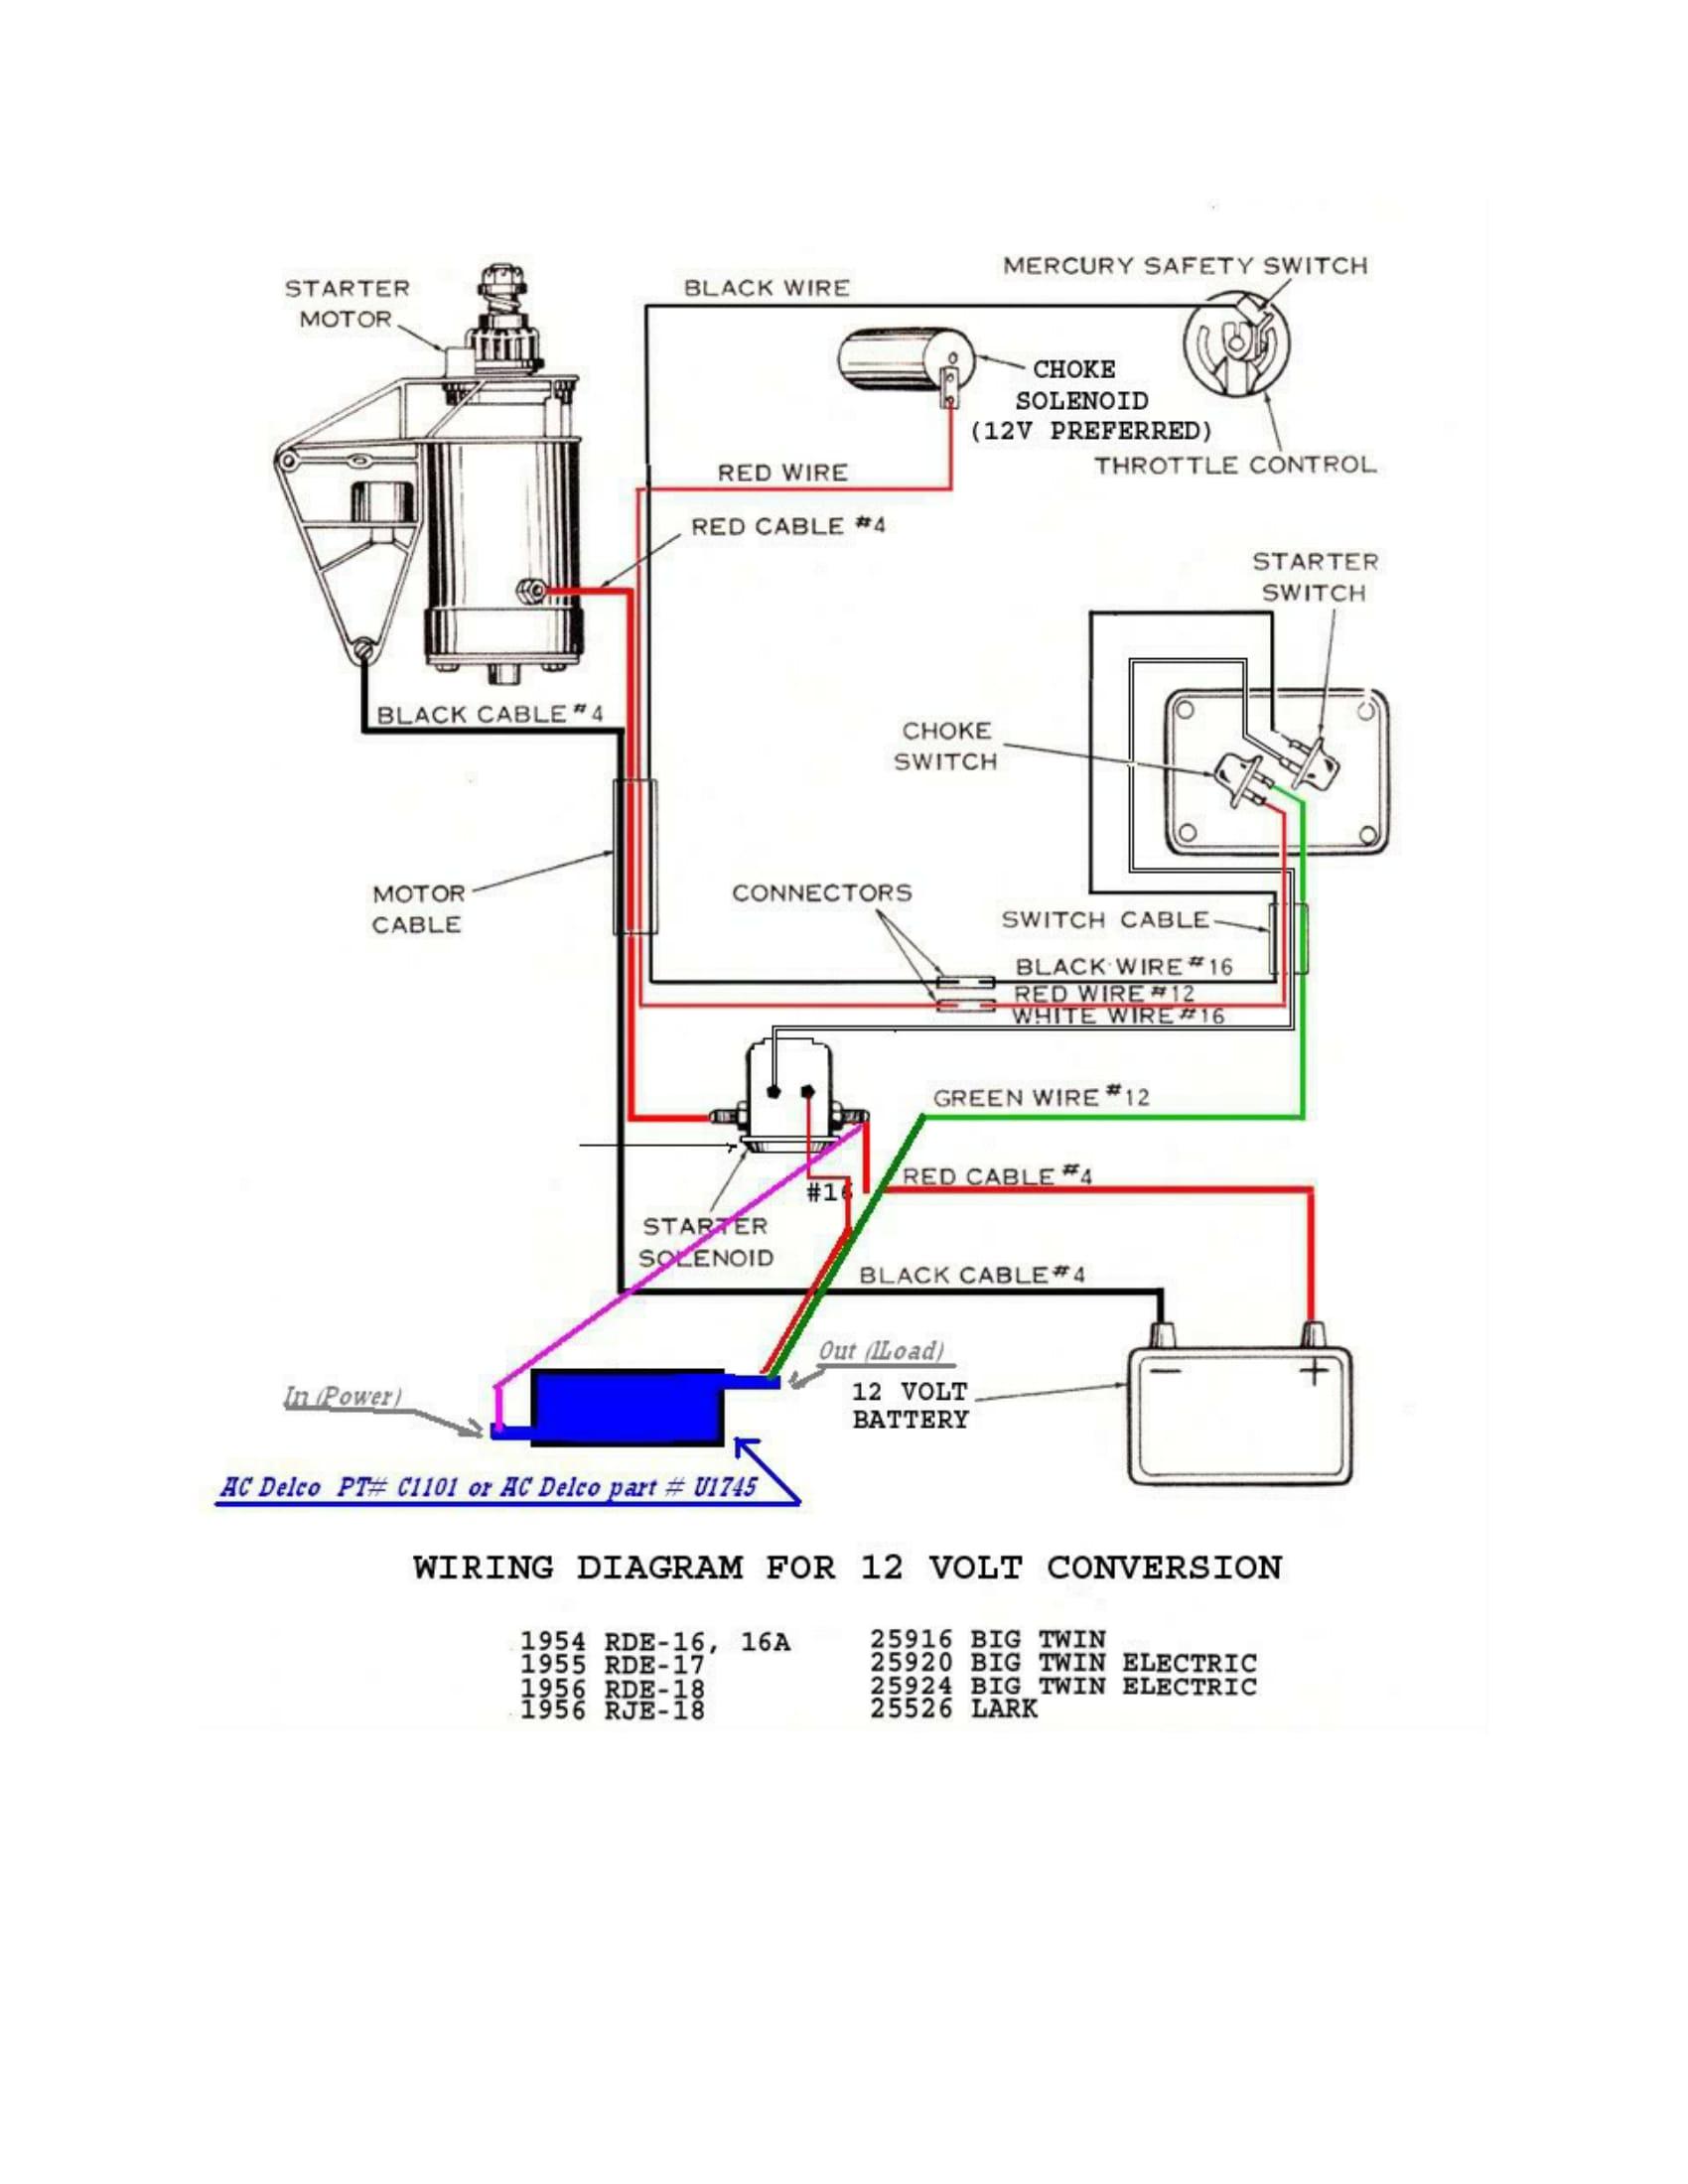 12 Volt To 6 Volt Resistor Wiring Diagram - Wiring Diagram SchemasWiring Diagram Schemas